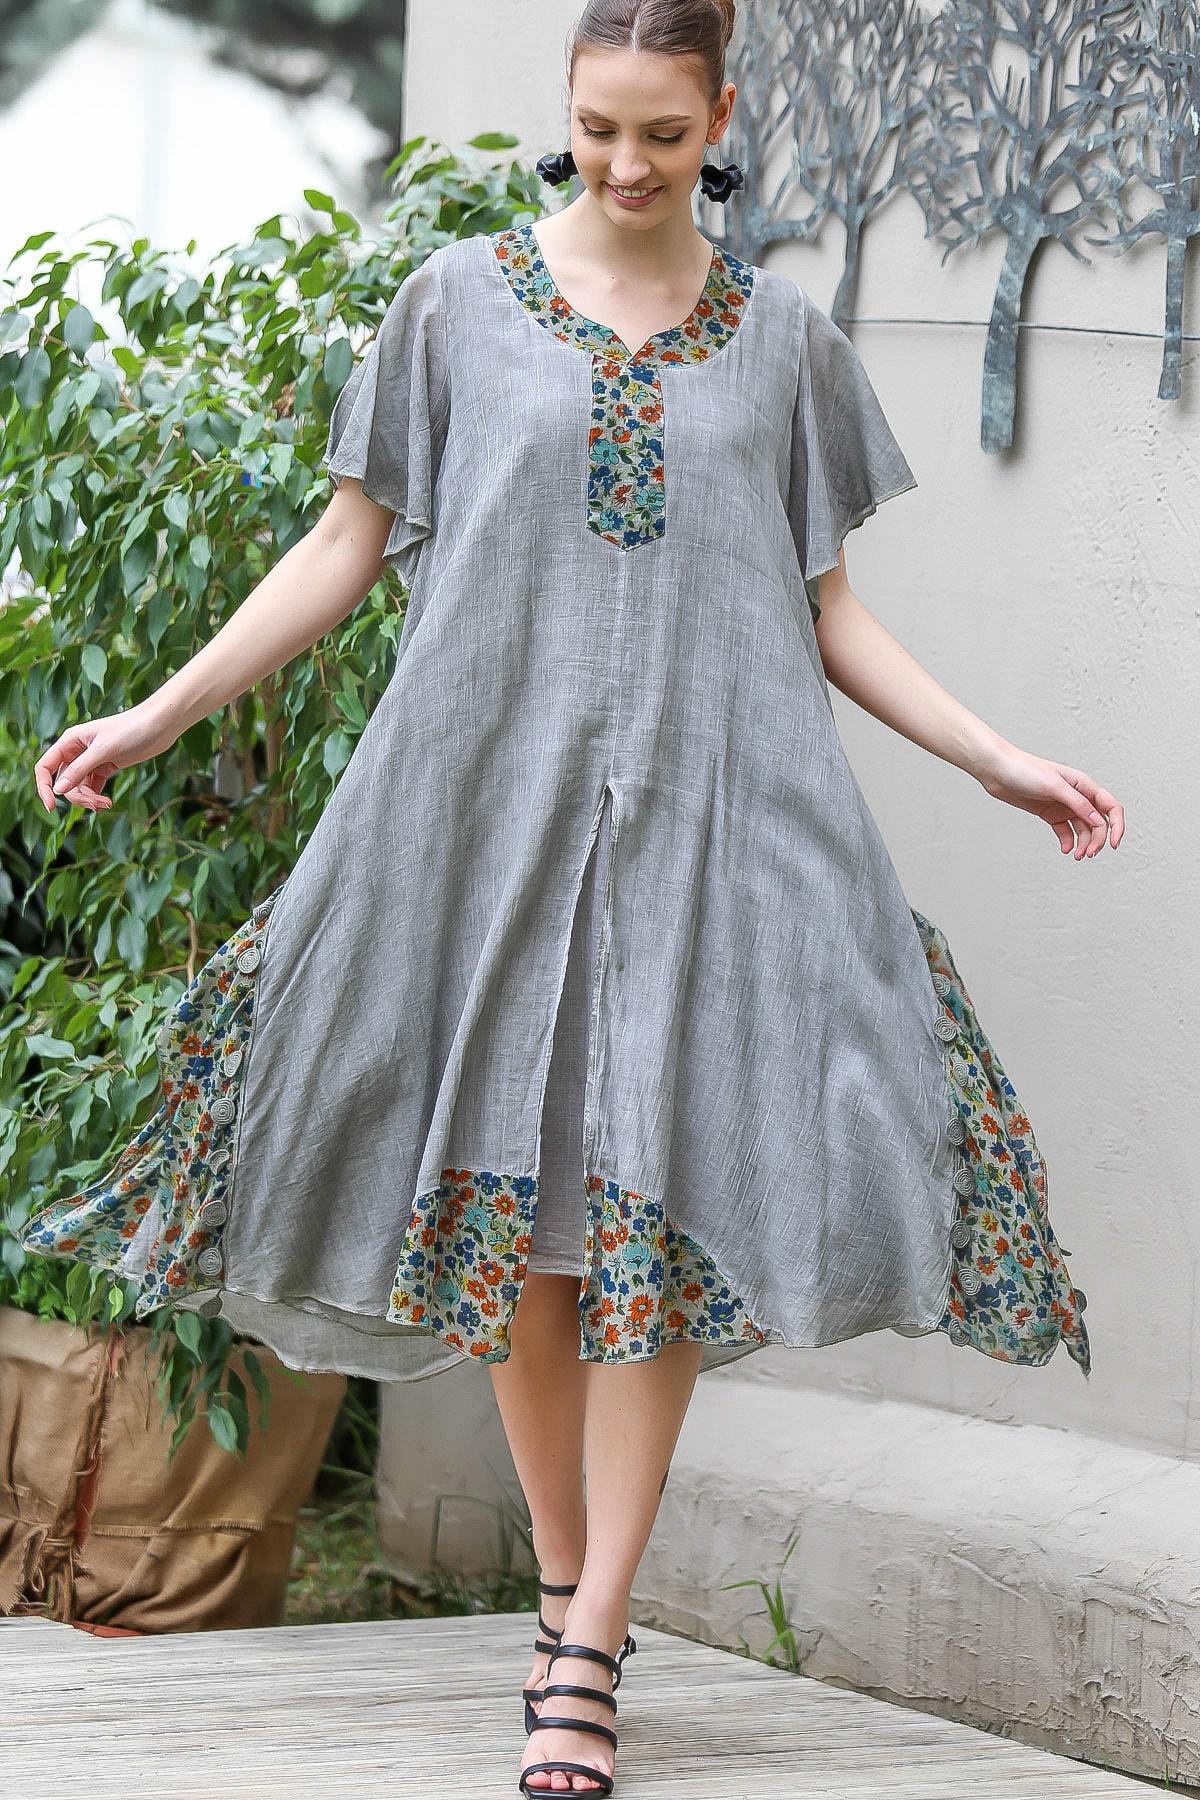 Chiccy Kadın Gri Çiçek Desenli Yaka Ve Etek Ucu Bloklu Yırtmaçlı Astarlı Yıkamalı Elbise M10160000EL95065